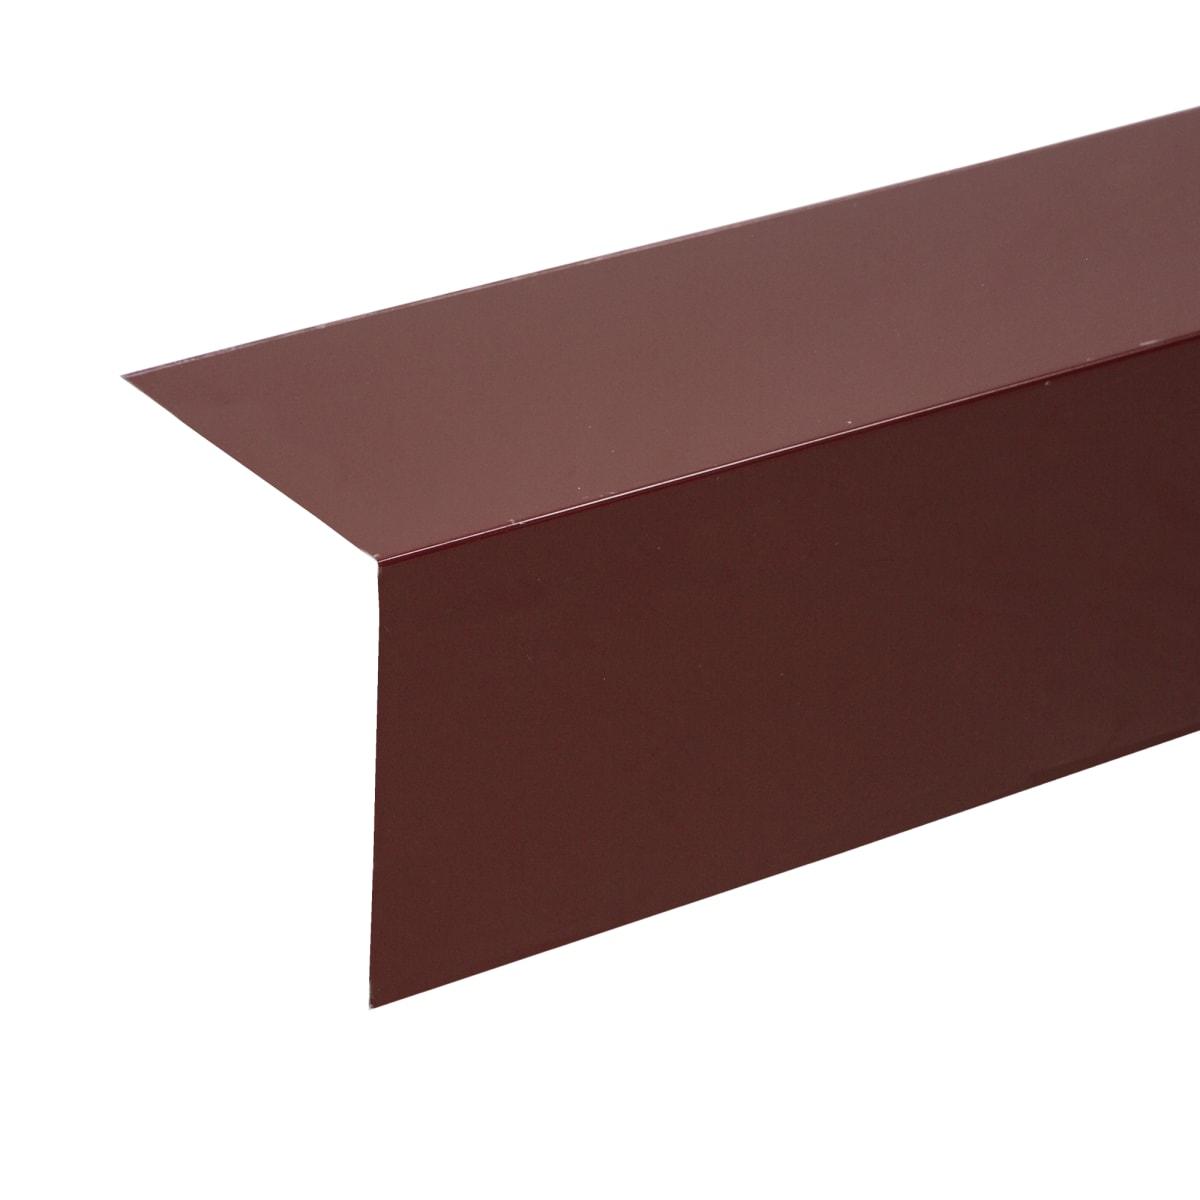 Планка для наружных углов с полиэстеровым покрытием 2 м цвет коричневый